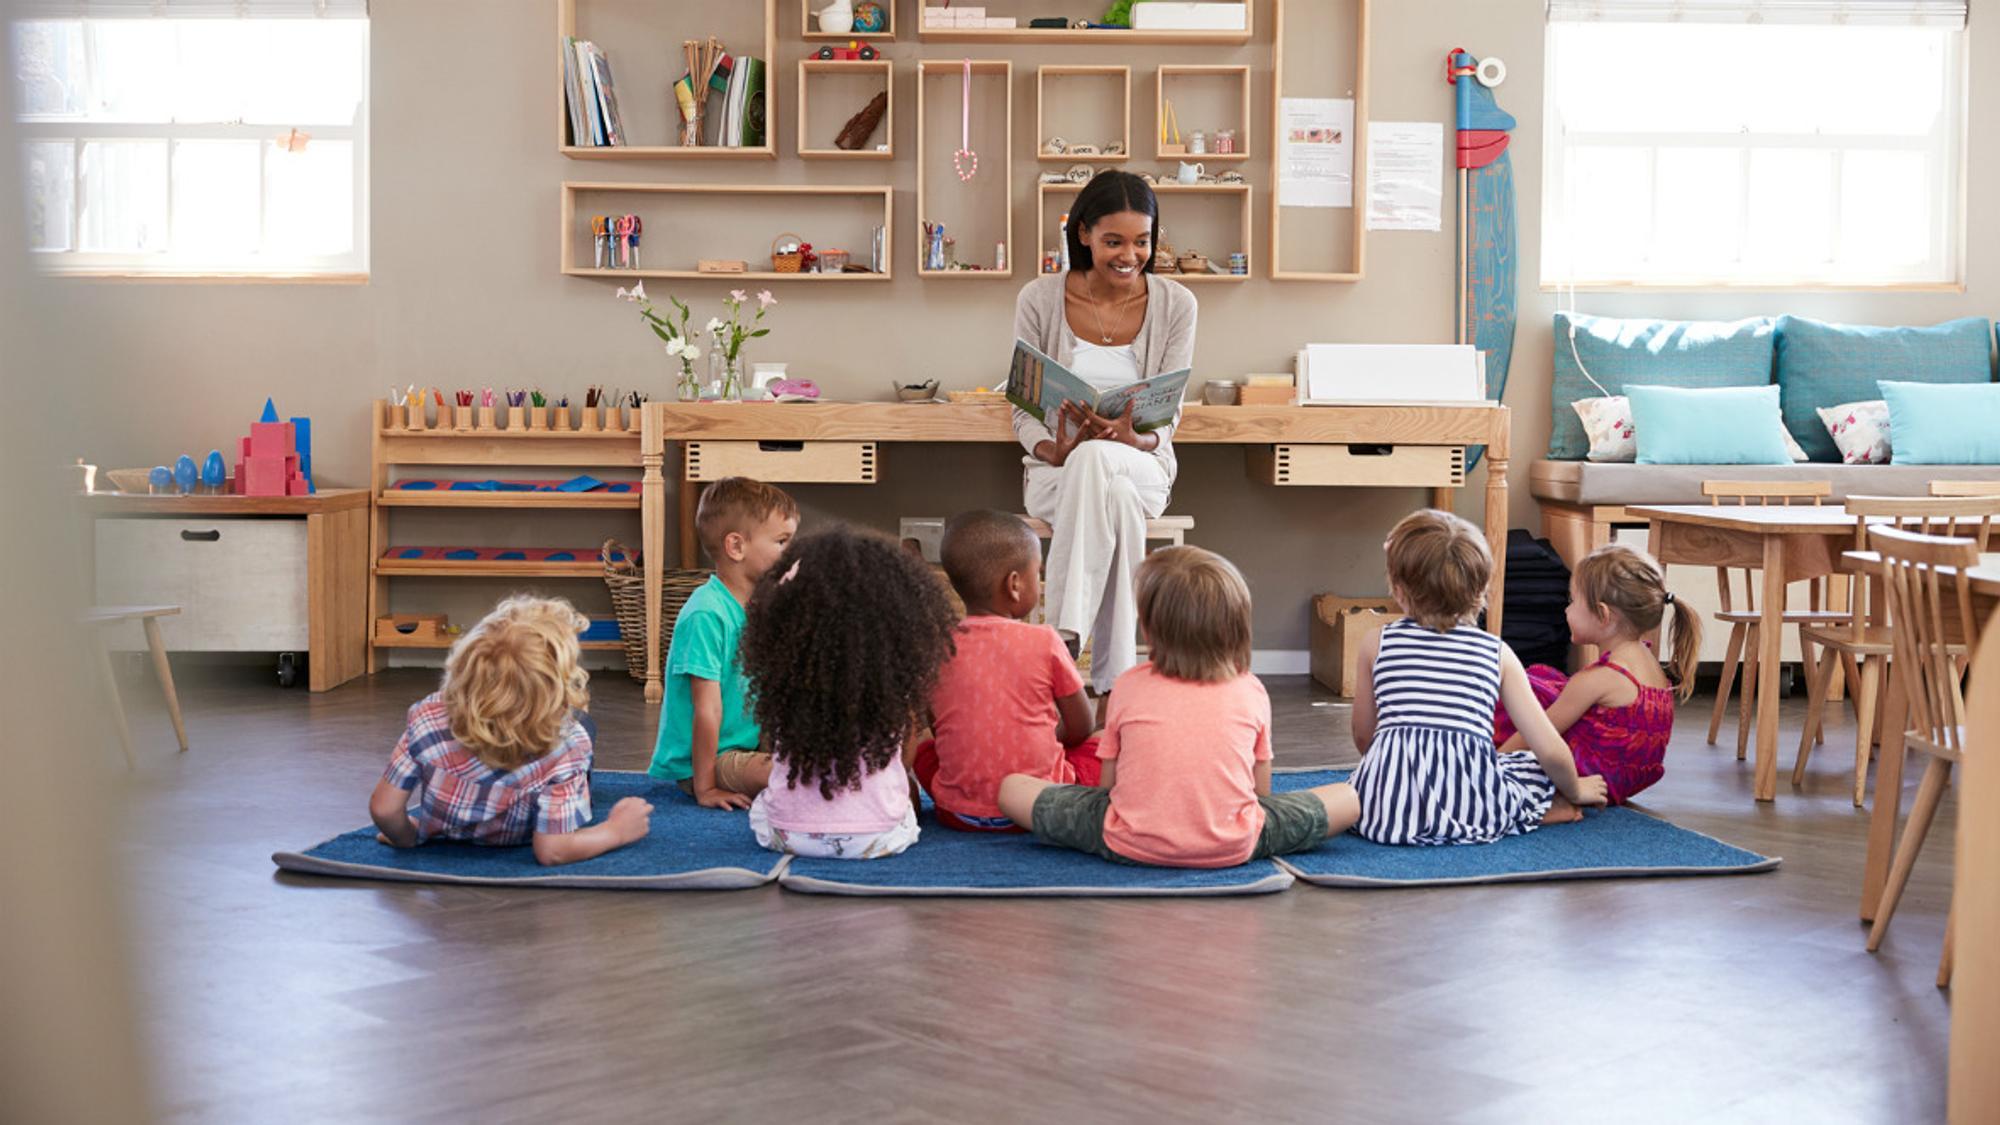 Die Aufklärung beginnt in der Schweiz schon im Kindergarten